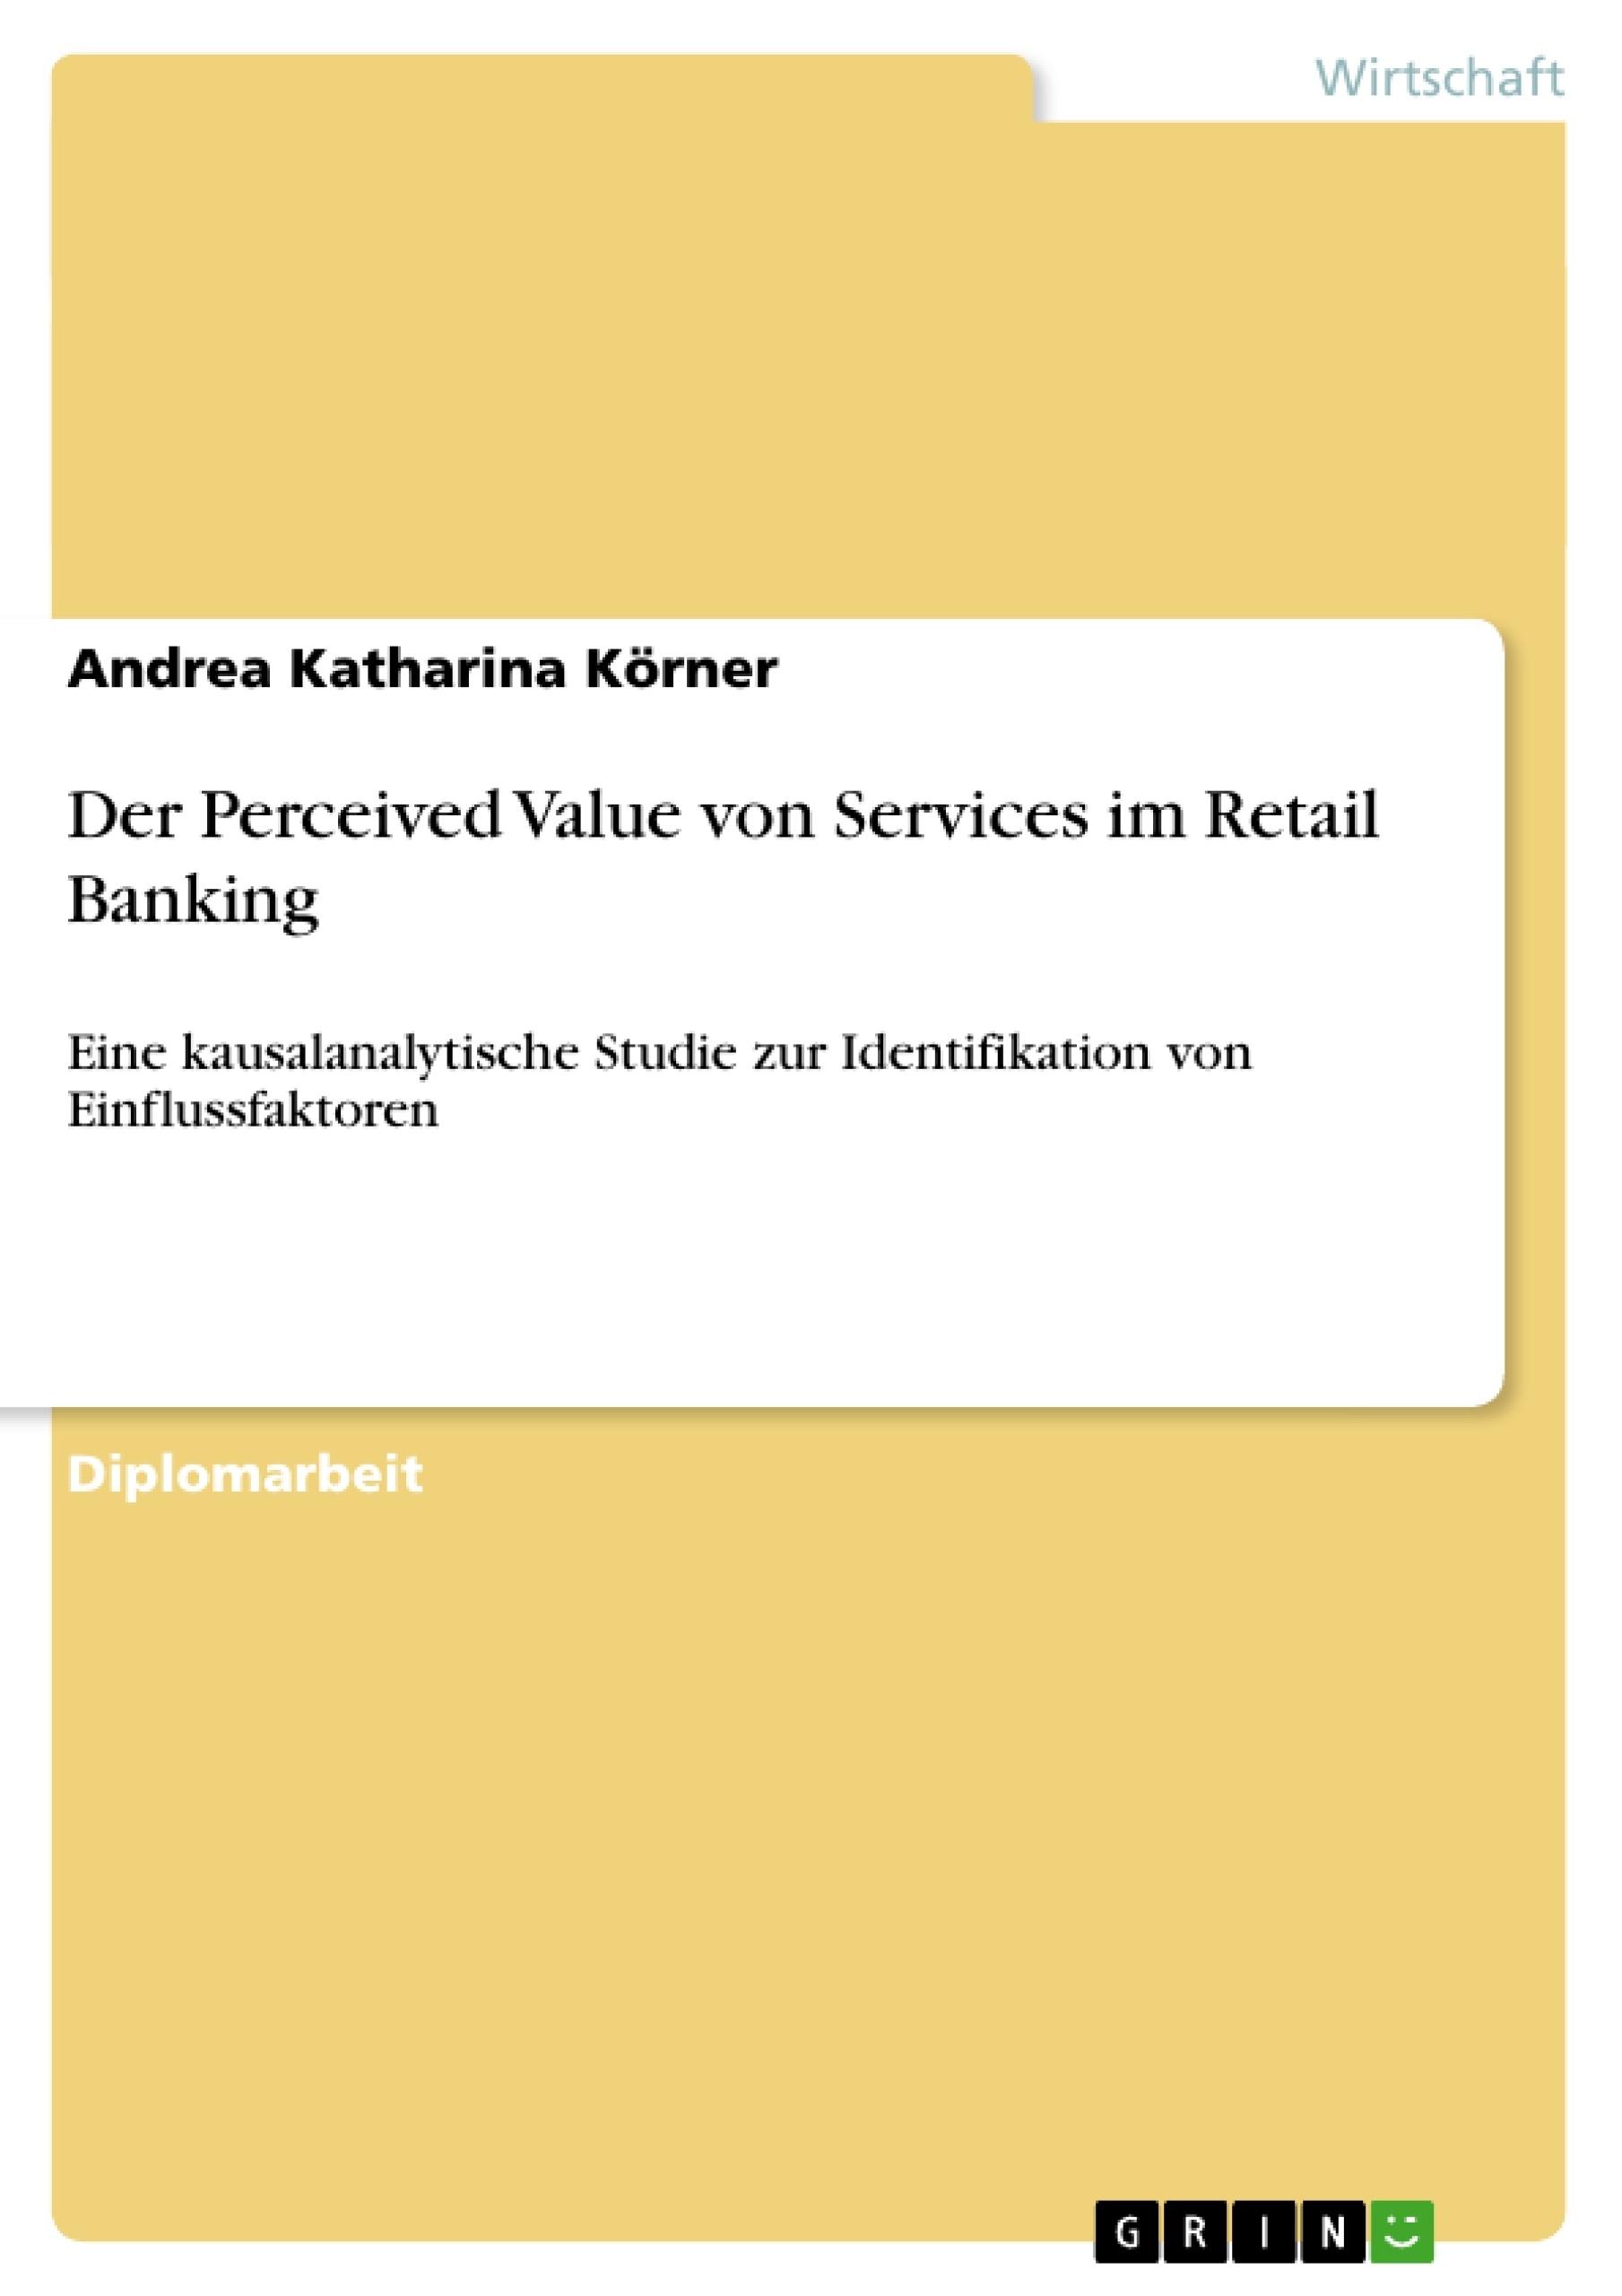 Titel: Der Perceived Value von Services im Retail Banking